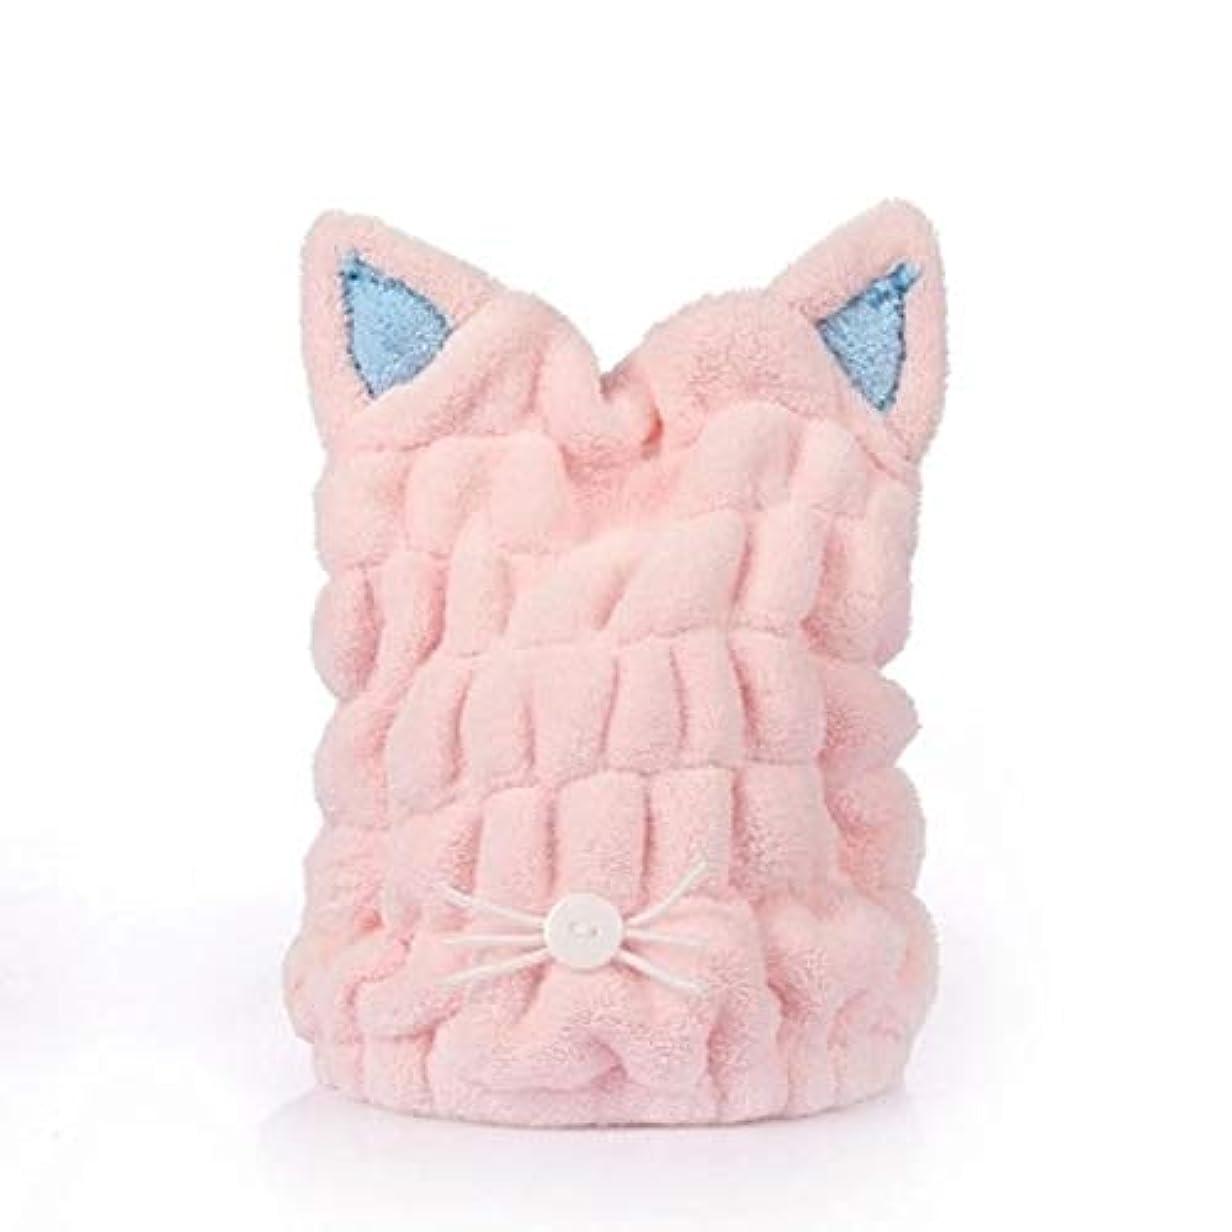 教師の日舌貨物Onior タオルキャップ 猫耳 ヘアドライキャップ 吸水 乾燥用 かわいい マイクロファイバー ふわふわ アニマル タオル お風呂用 (ピンク)